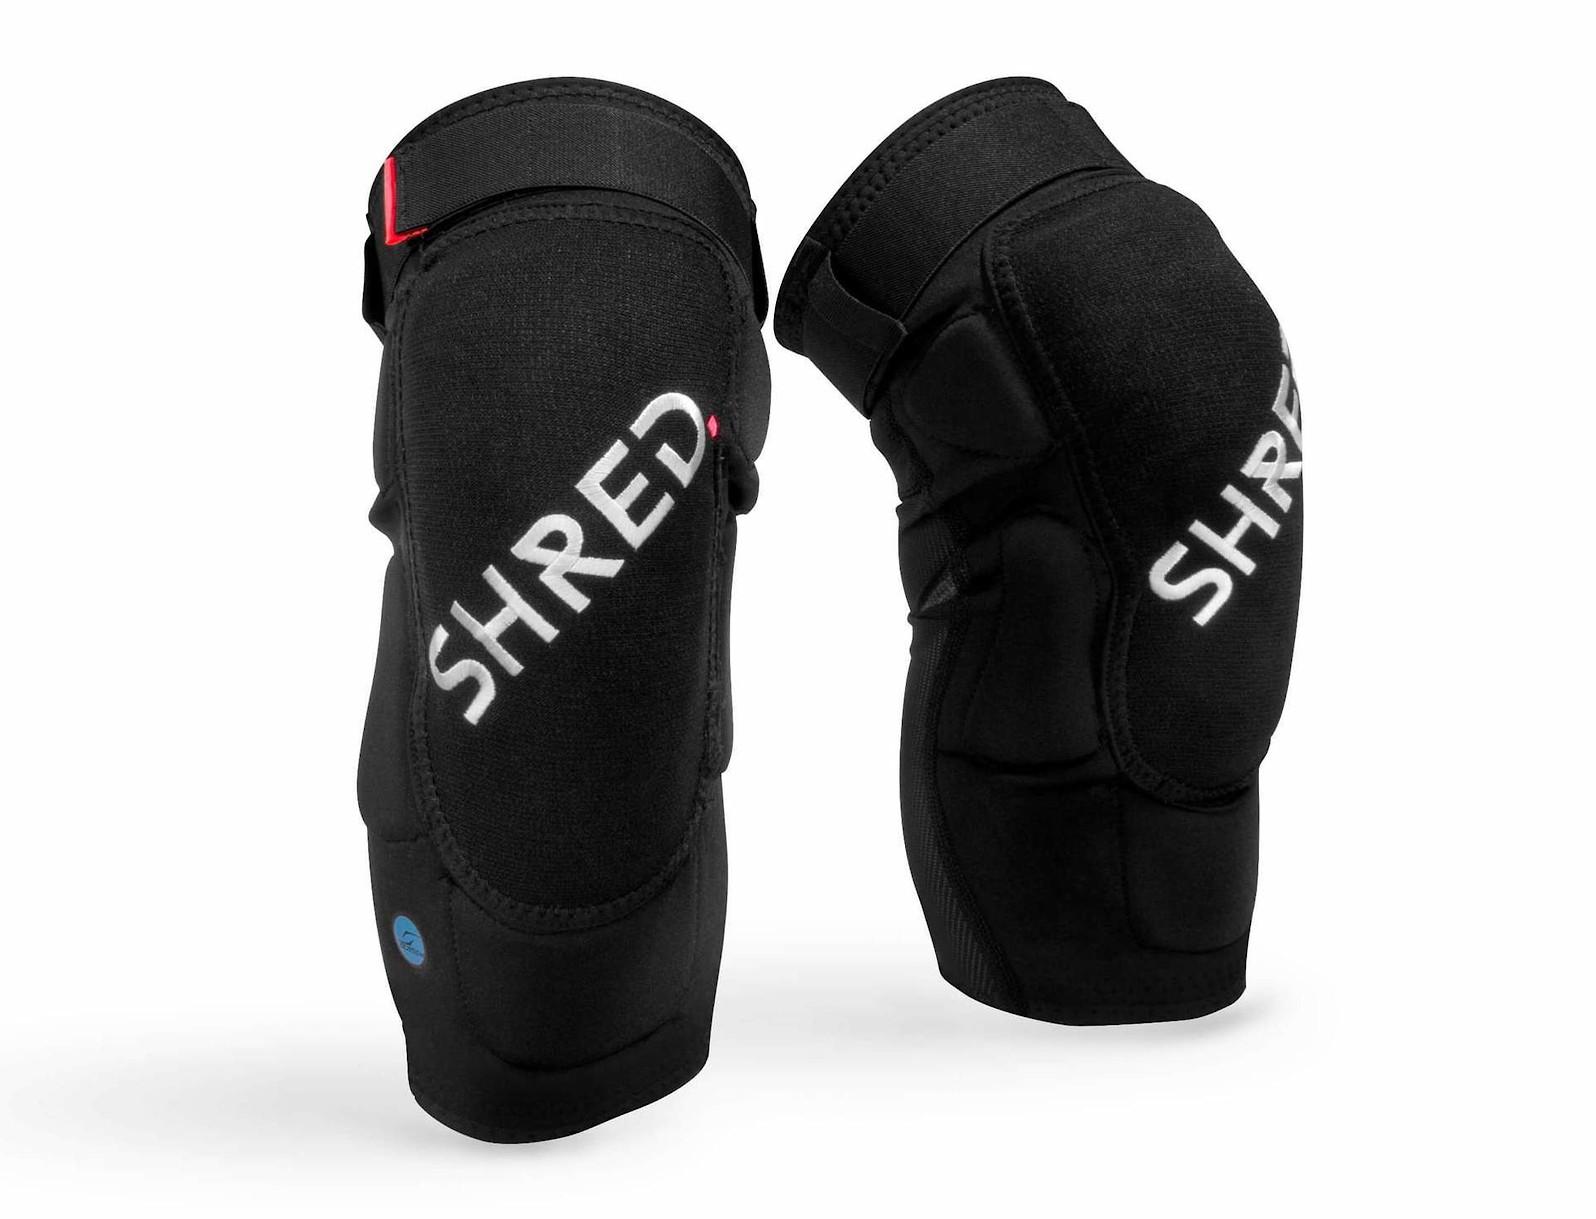 SHRED. Flexi Enduro Knee Pad